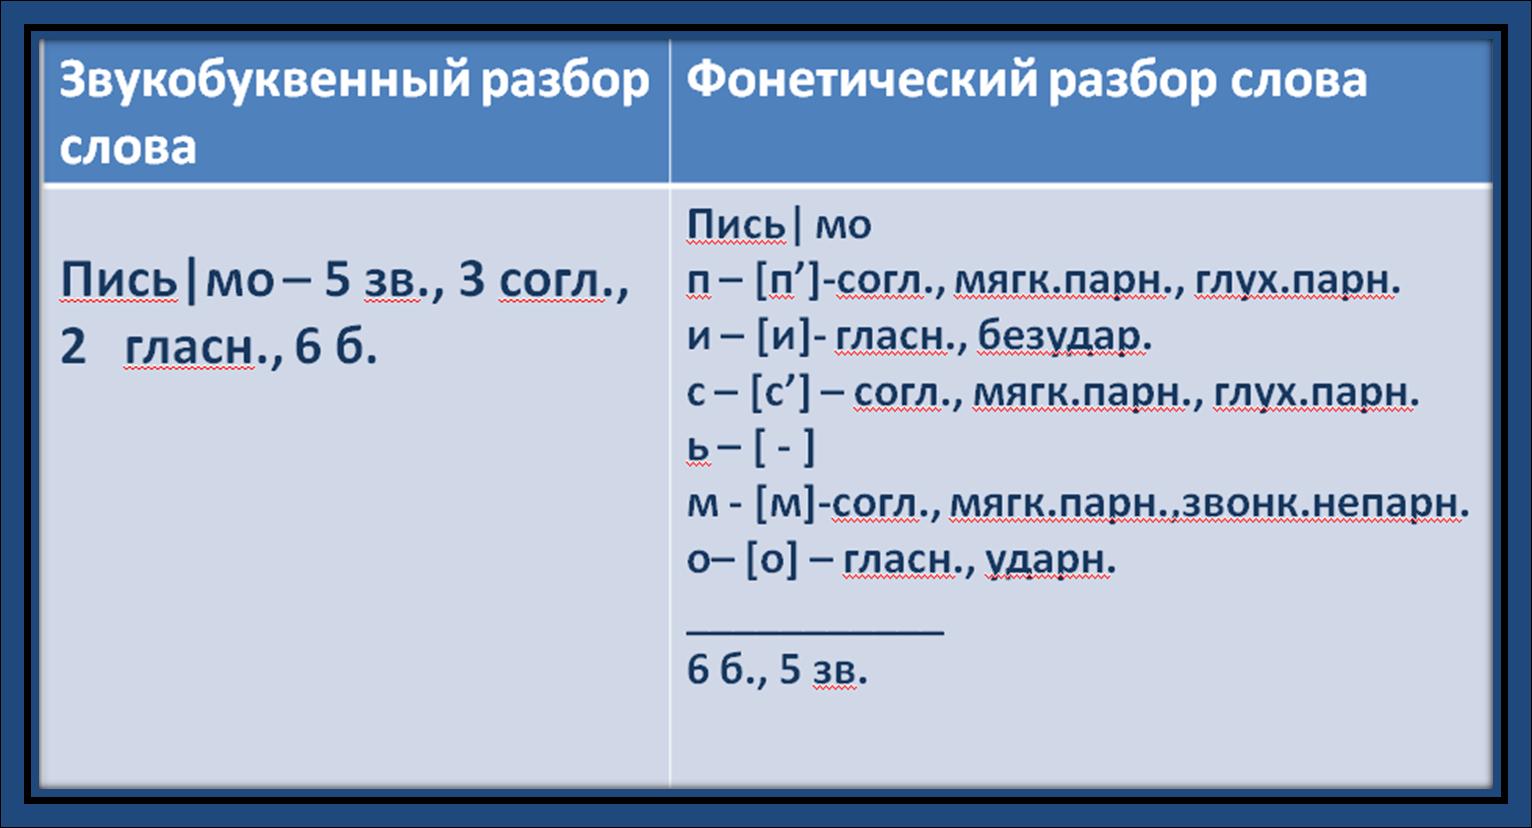 Как сделать фонетический разбор слова вёз